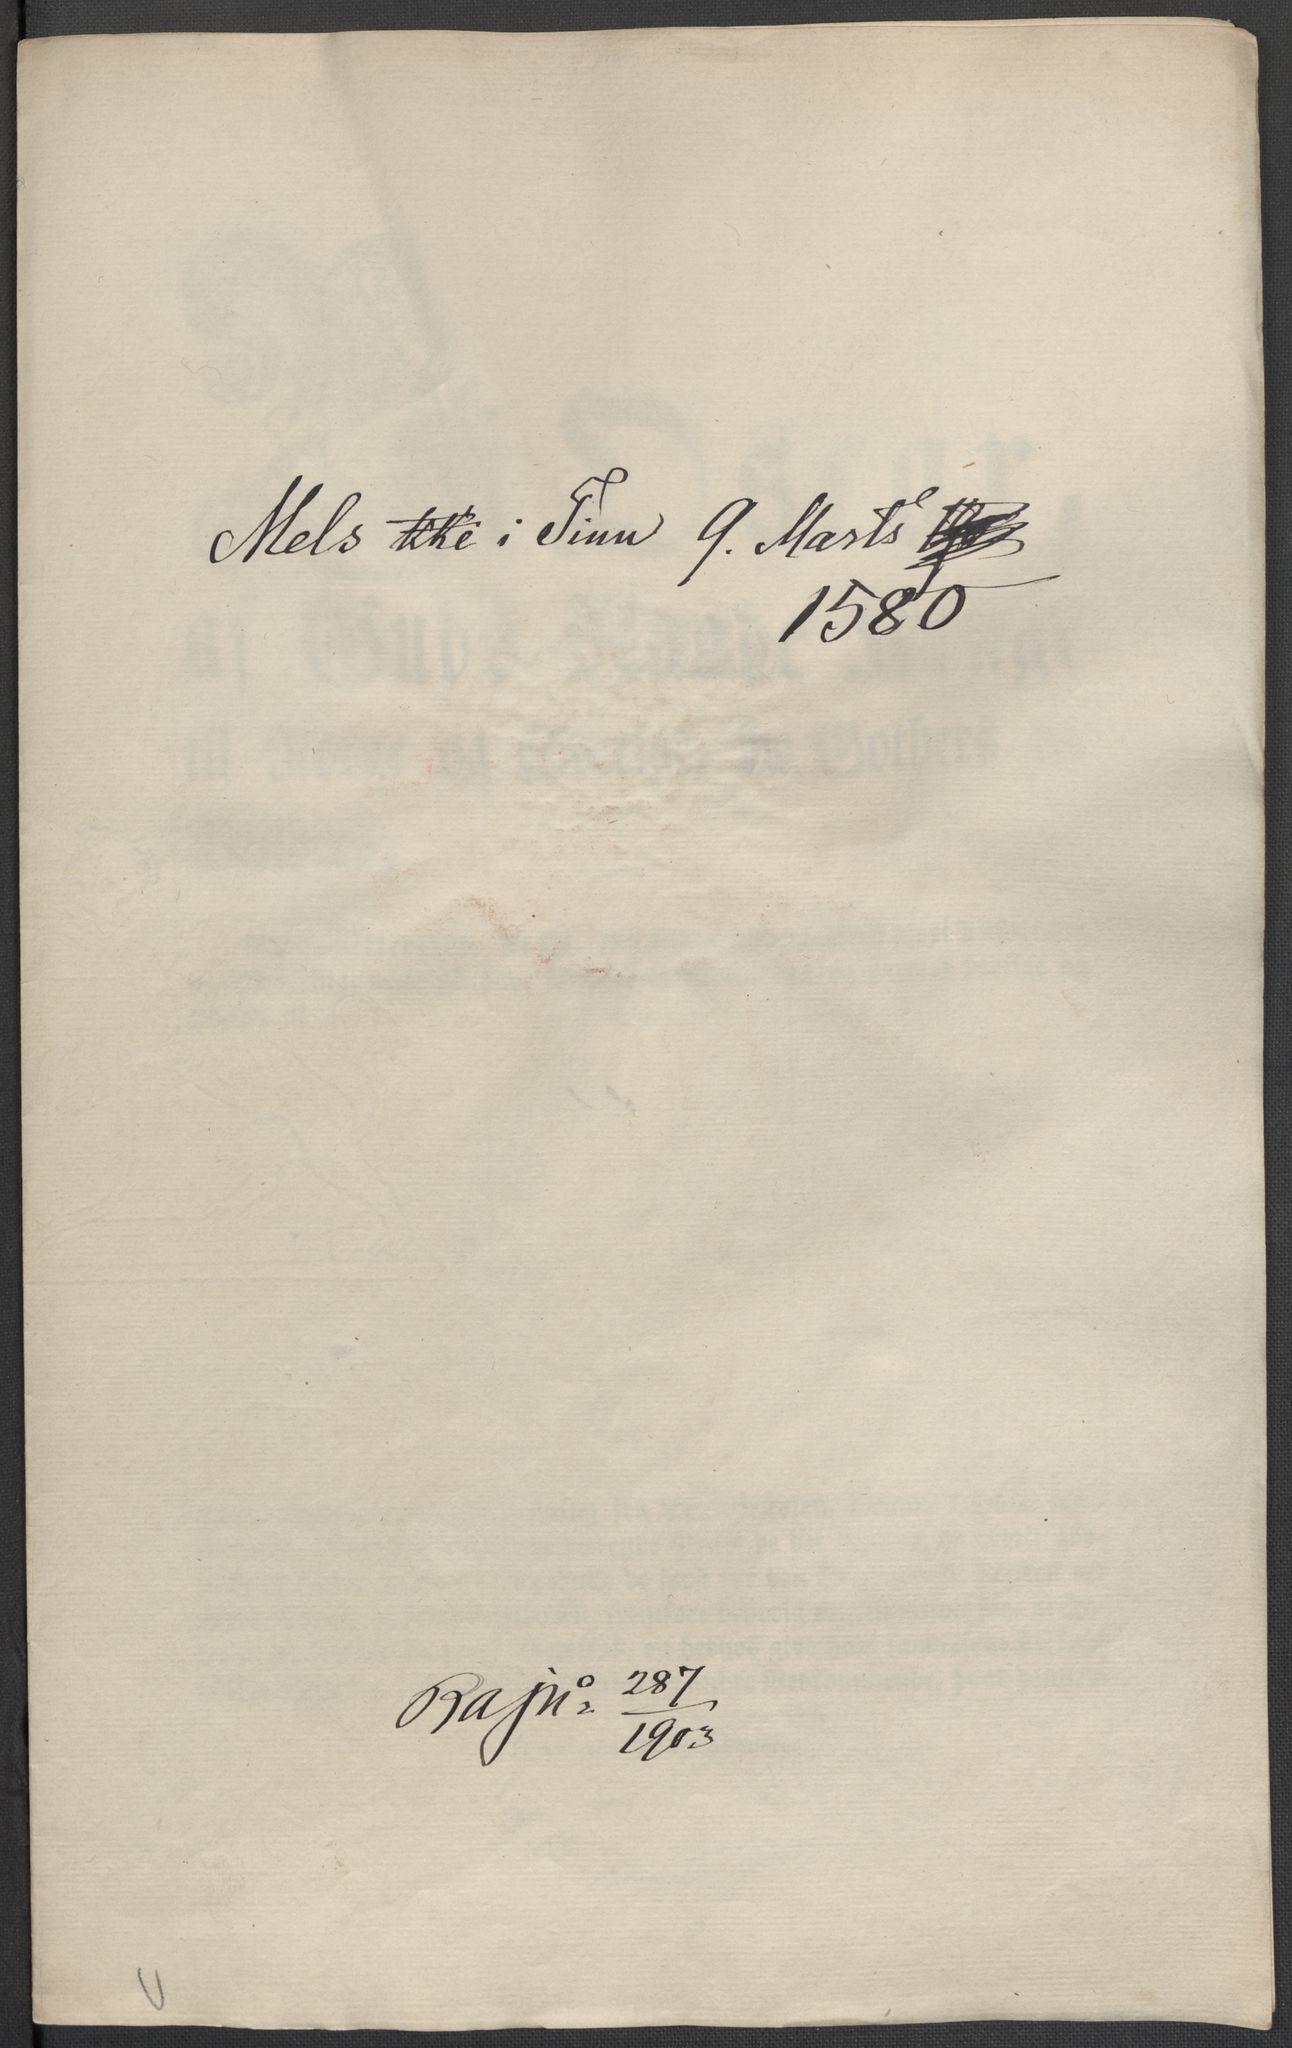 RA, Riksarkivets diplomsamling, F02/L0082: Dokumenter, 1580, s. 10